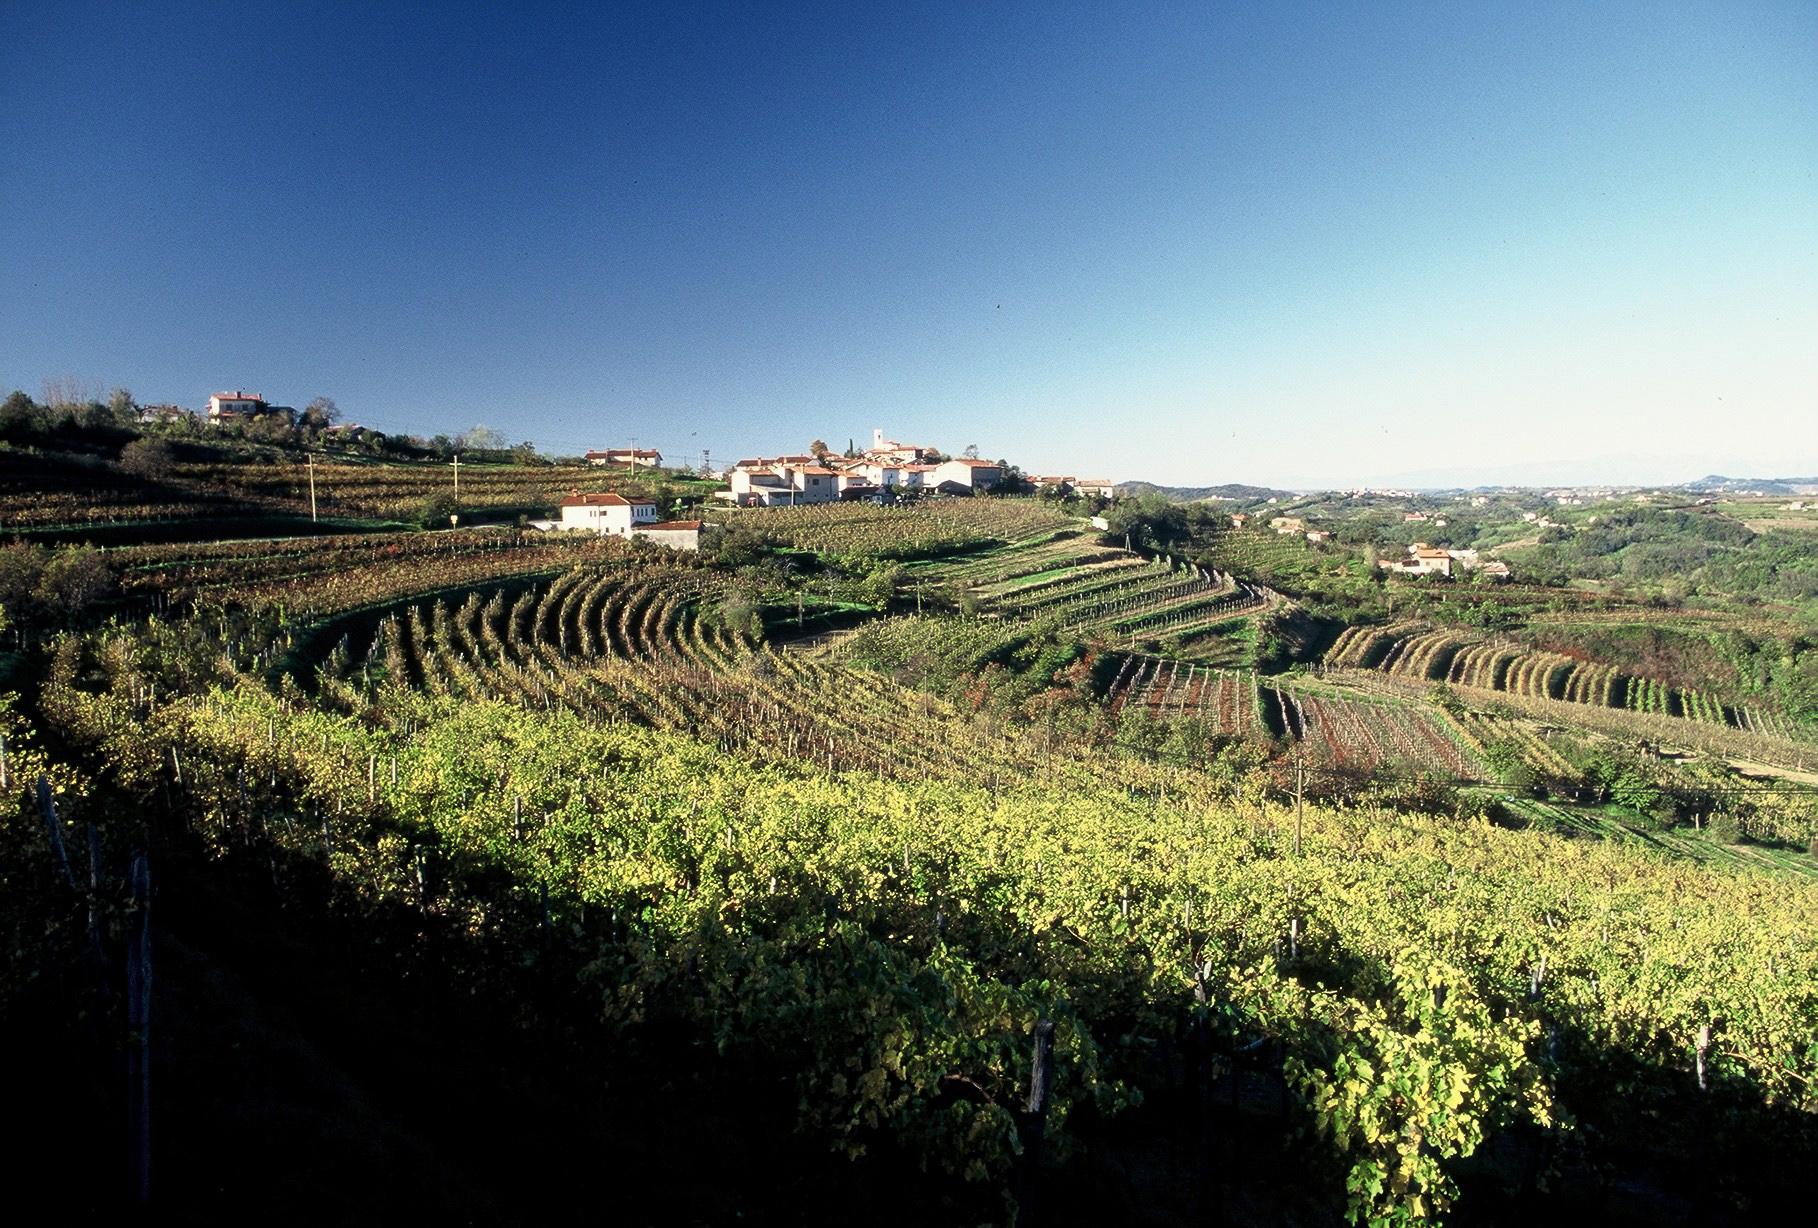 Marjan Simcic Vineyards